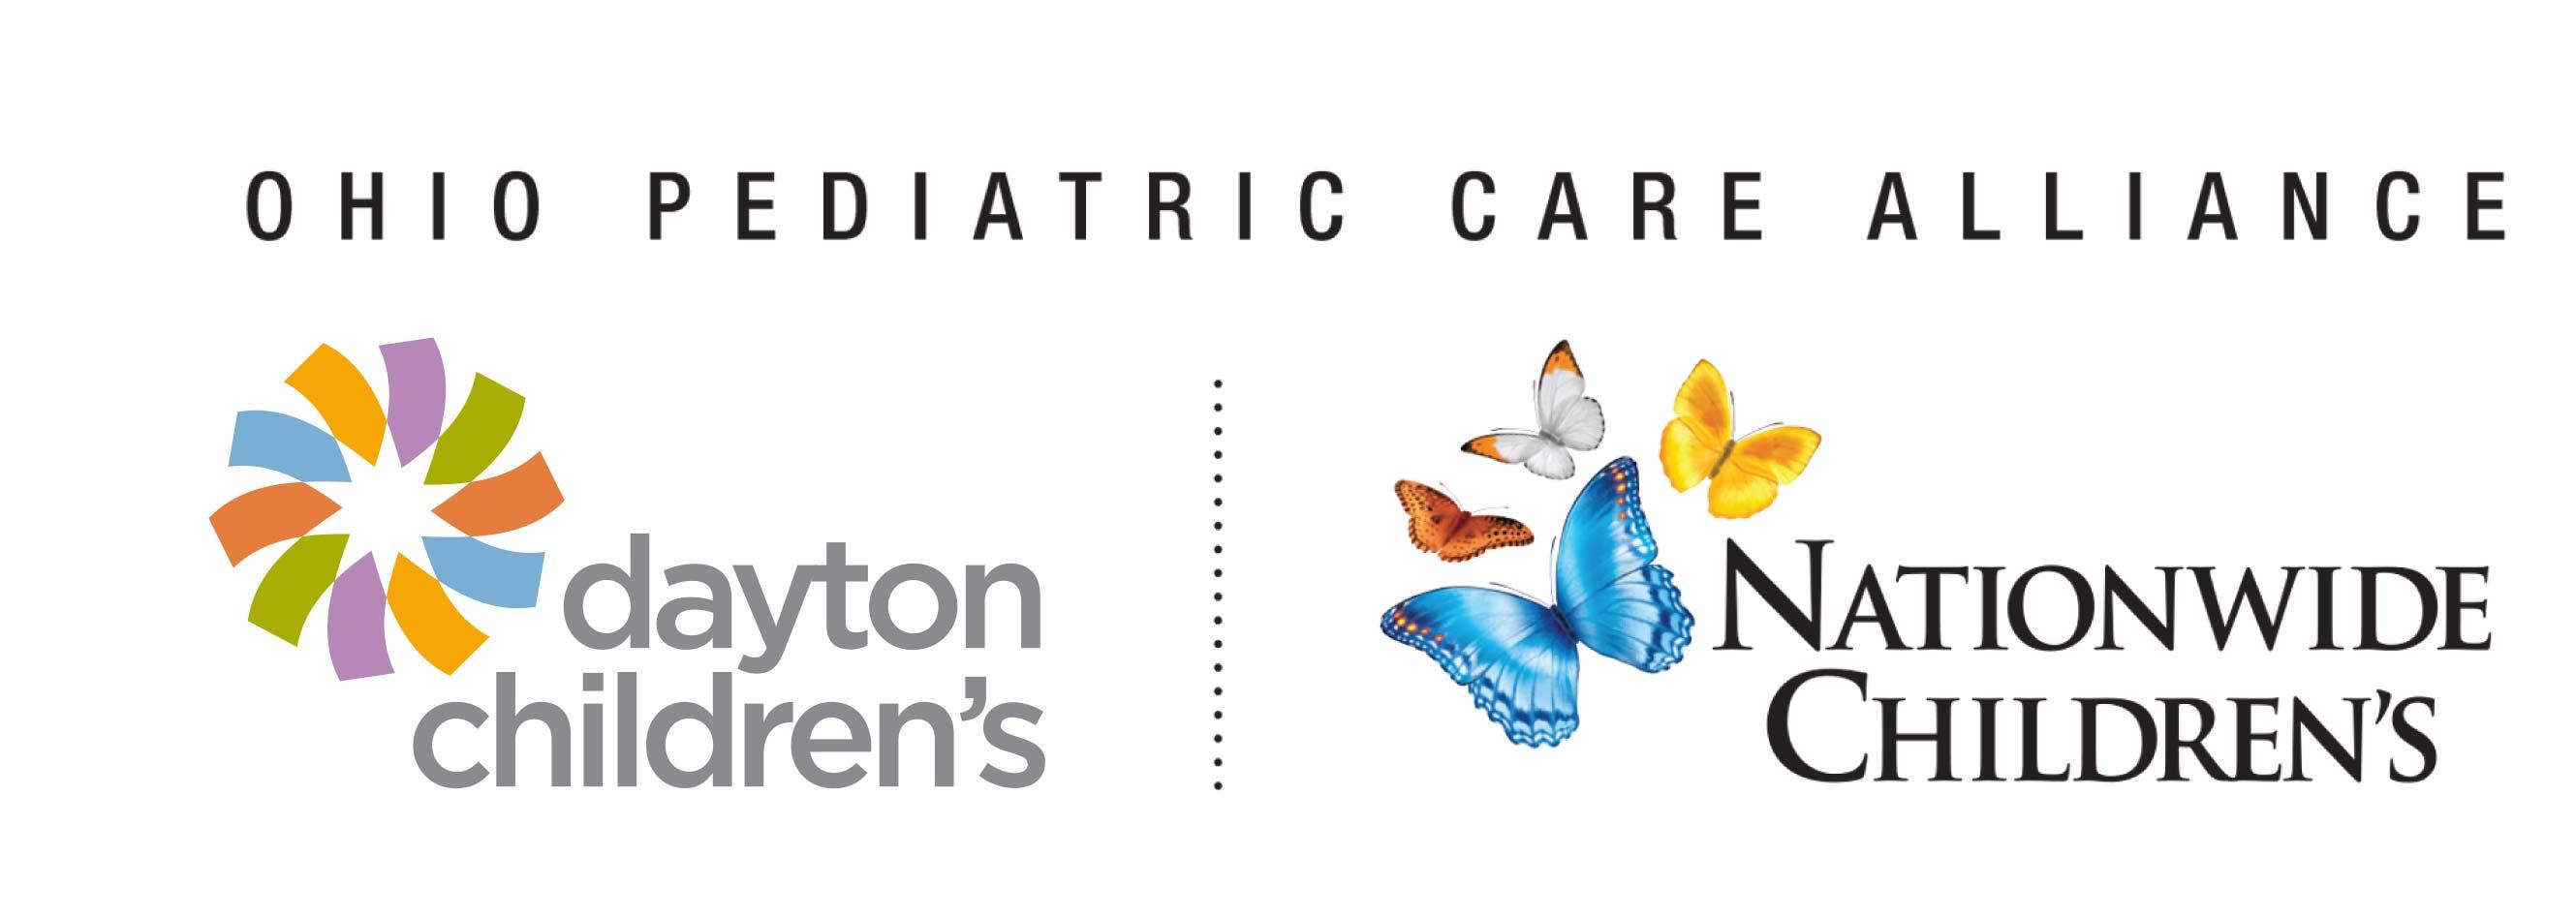 Ohio Pediatric Care Alliance